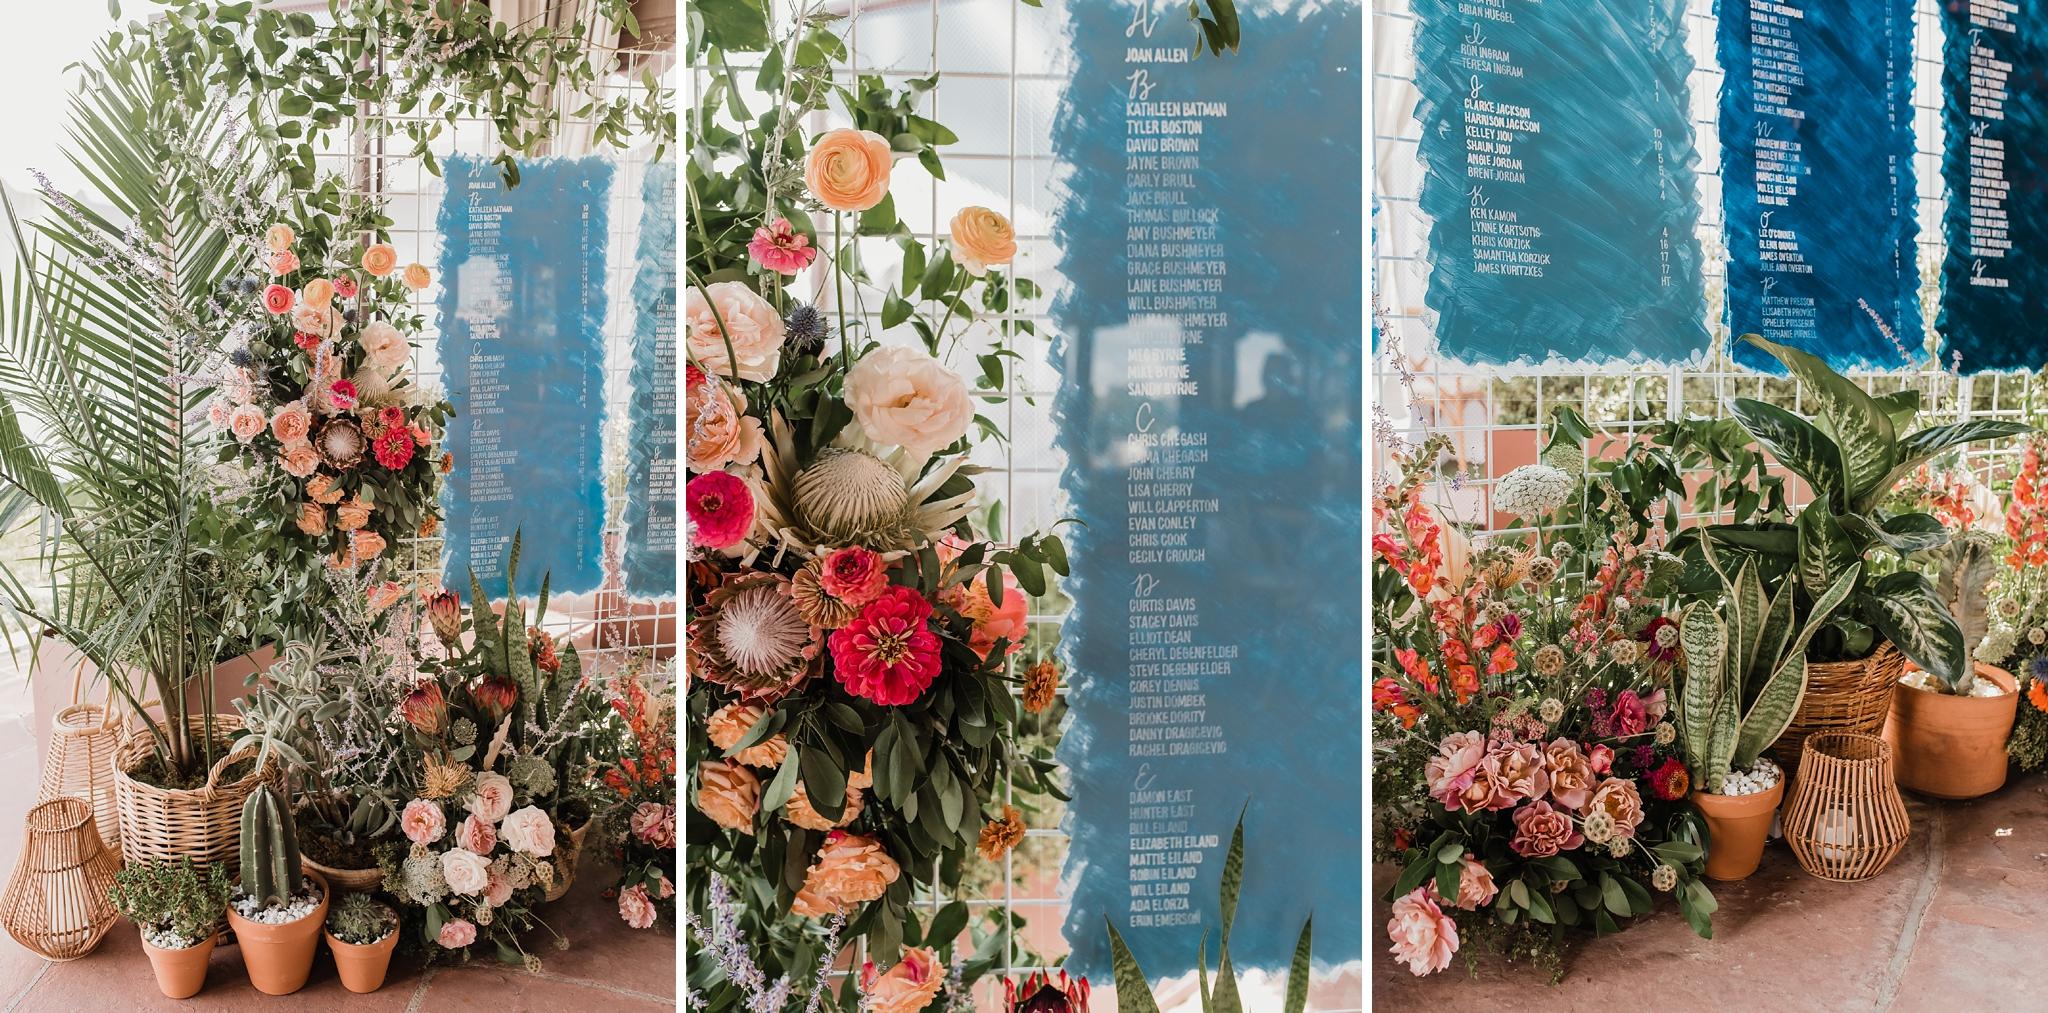 Alicia+lucia+photography+-+albuquerque+wedding+photographer+-+santa+fe+wedding+photography+-+new+mexico+wedding+photographer+-+new+mexico+wedding+-+las+campanas+wedding+-+santa+fe+wedding+-+maximalist+wedding+-+destination+wedding_0114.jpg